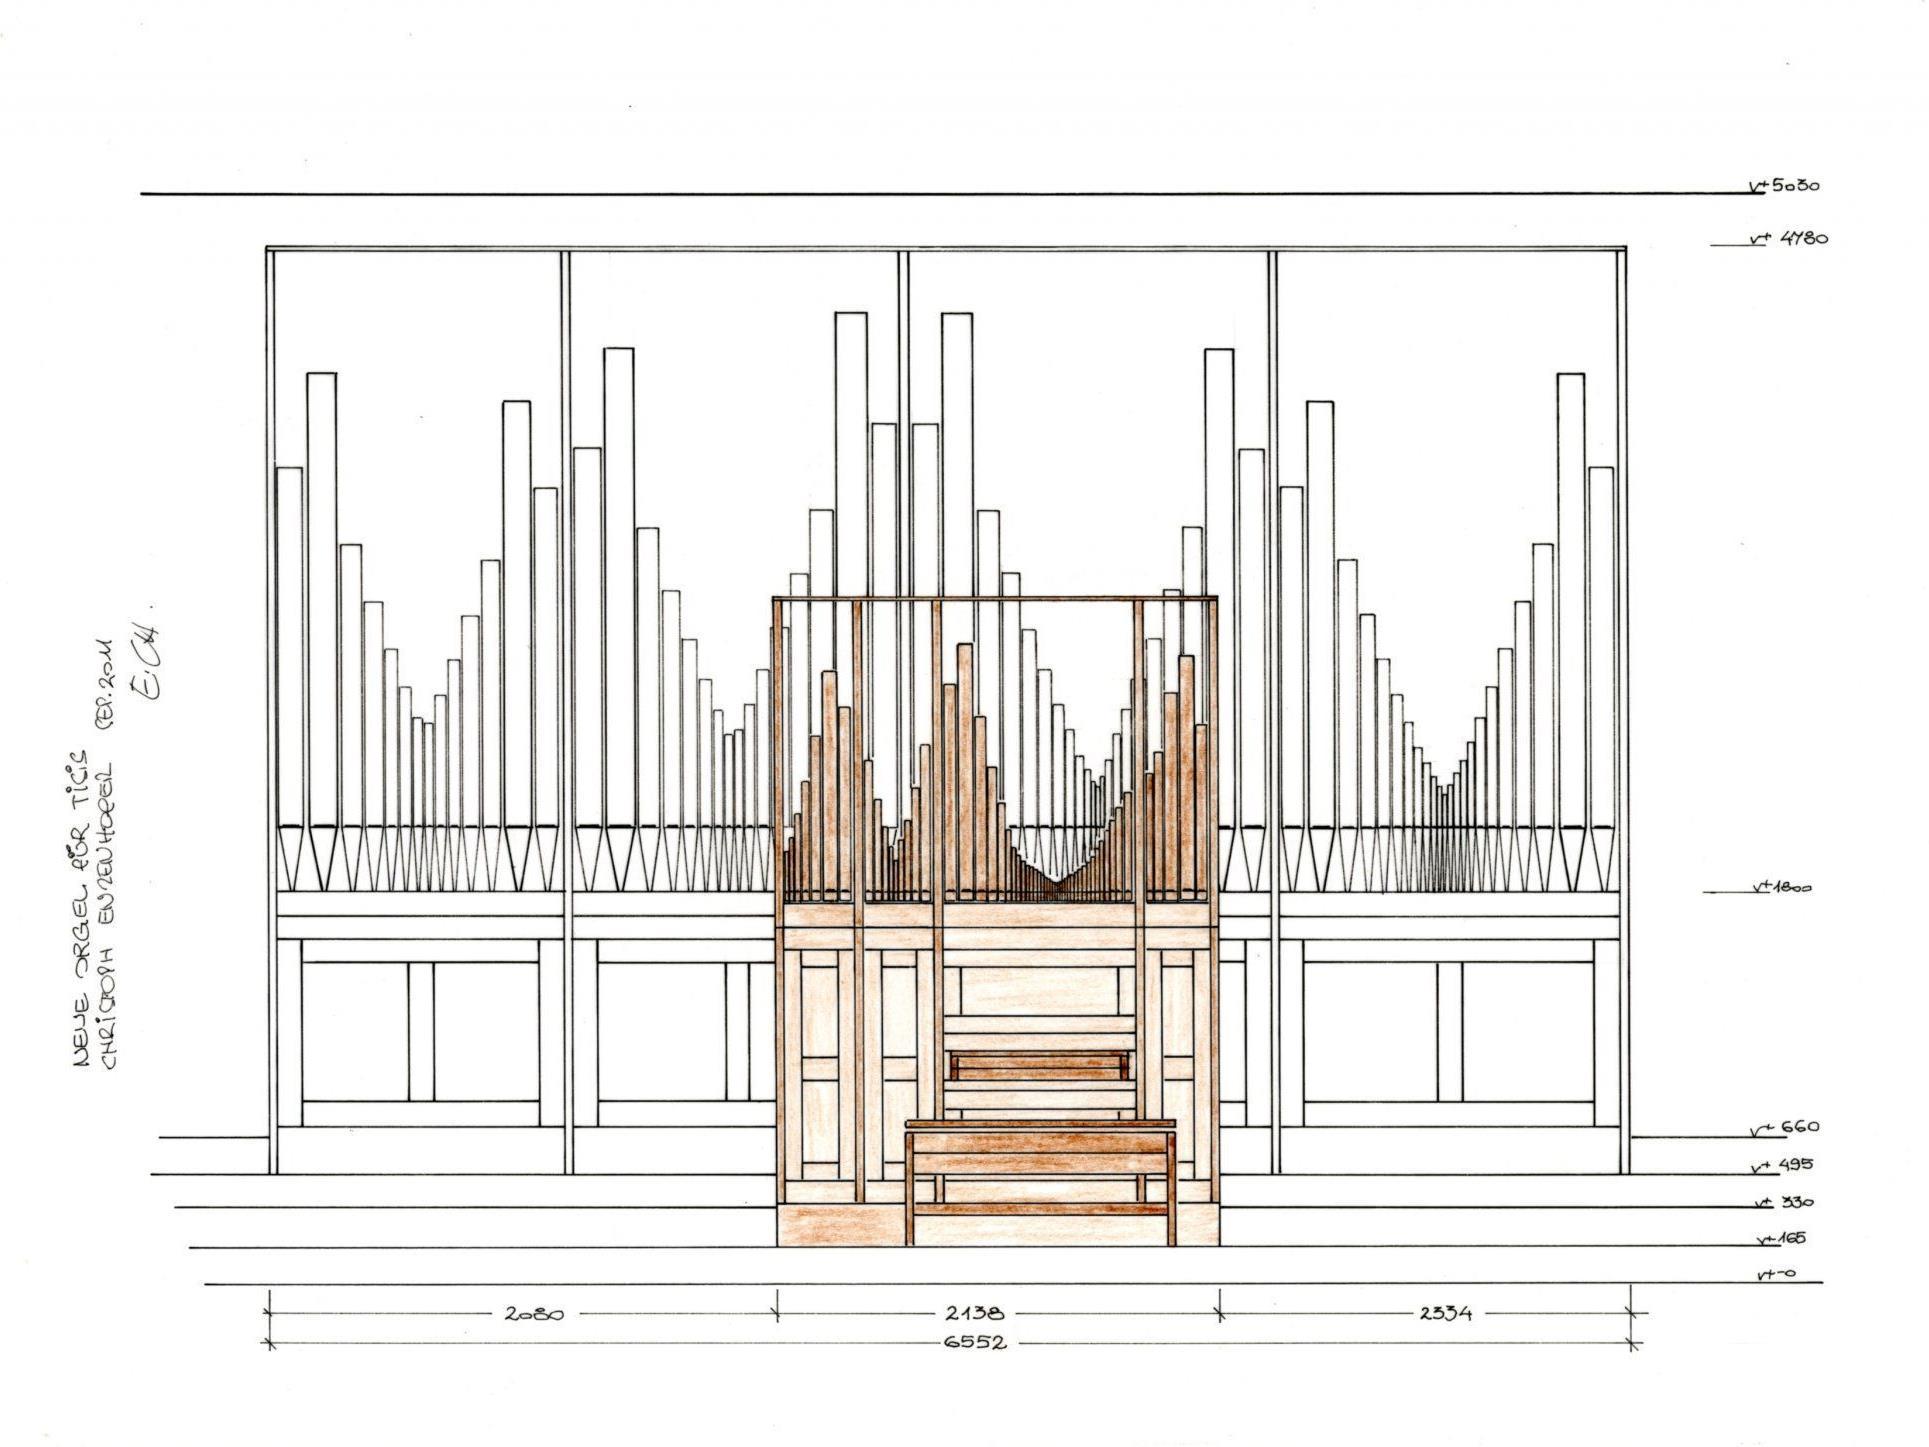 So sollte die Enzenhofer Orgel in der Tisner Pfarrkirche aussehen!